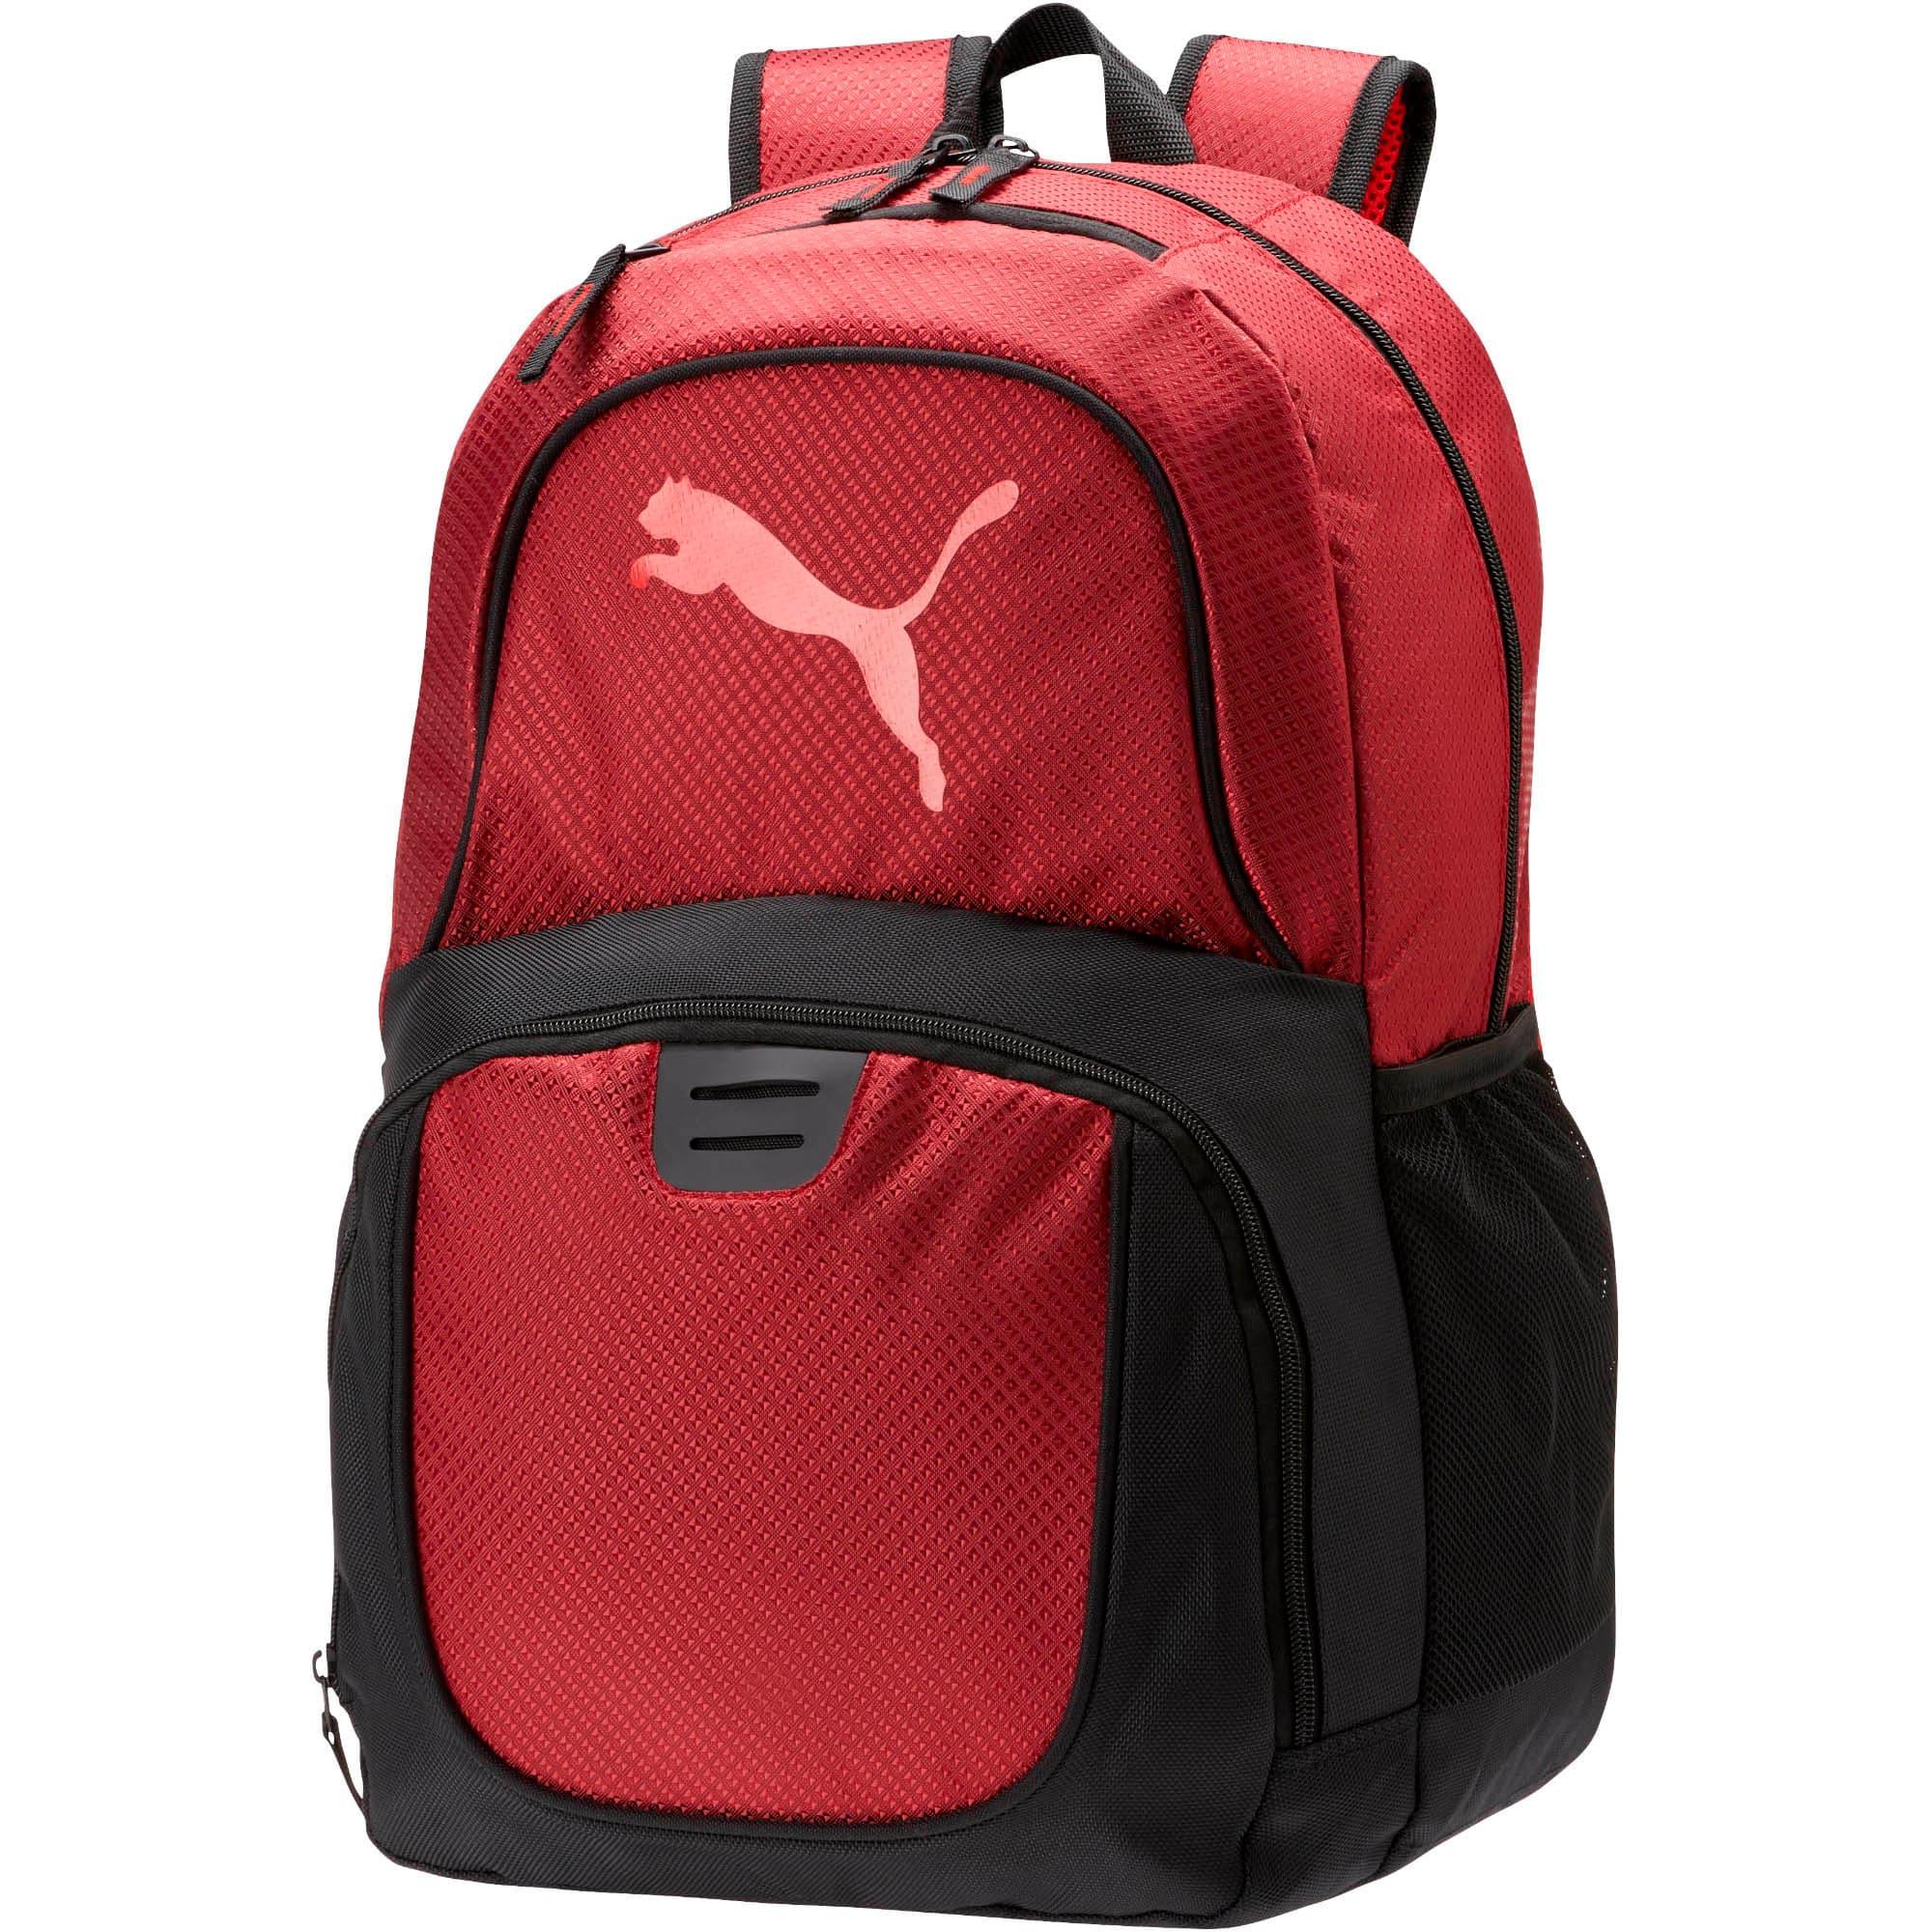 Thumbnail 1 of EVERCAT Contender 3.0 Backpack, Dark Red, medium